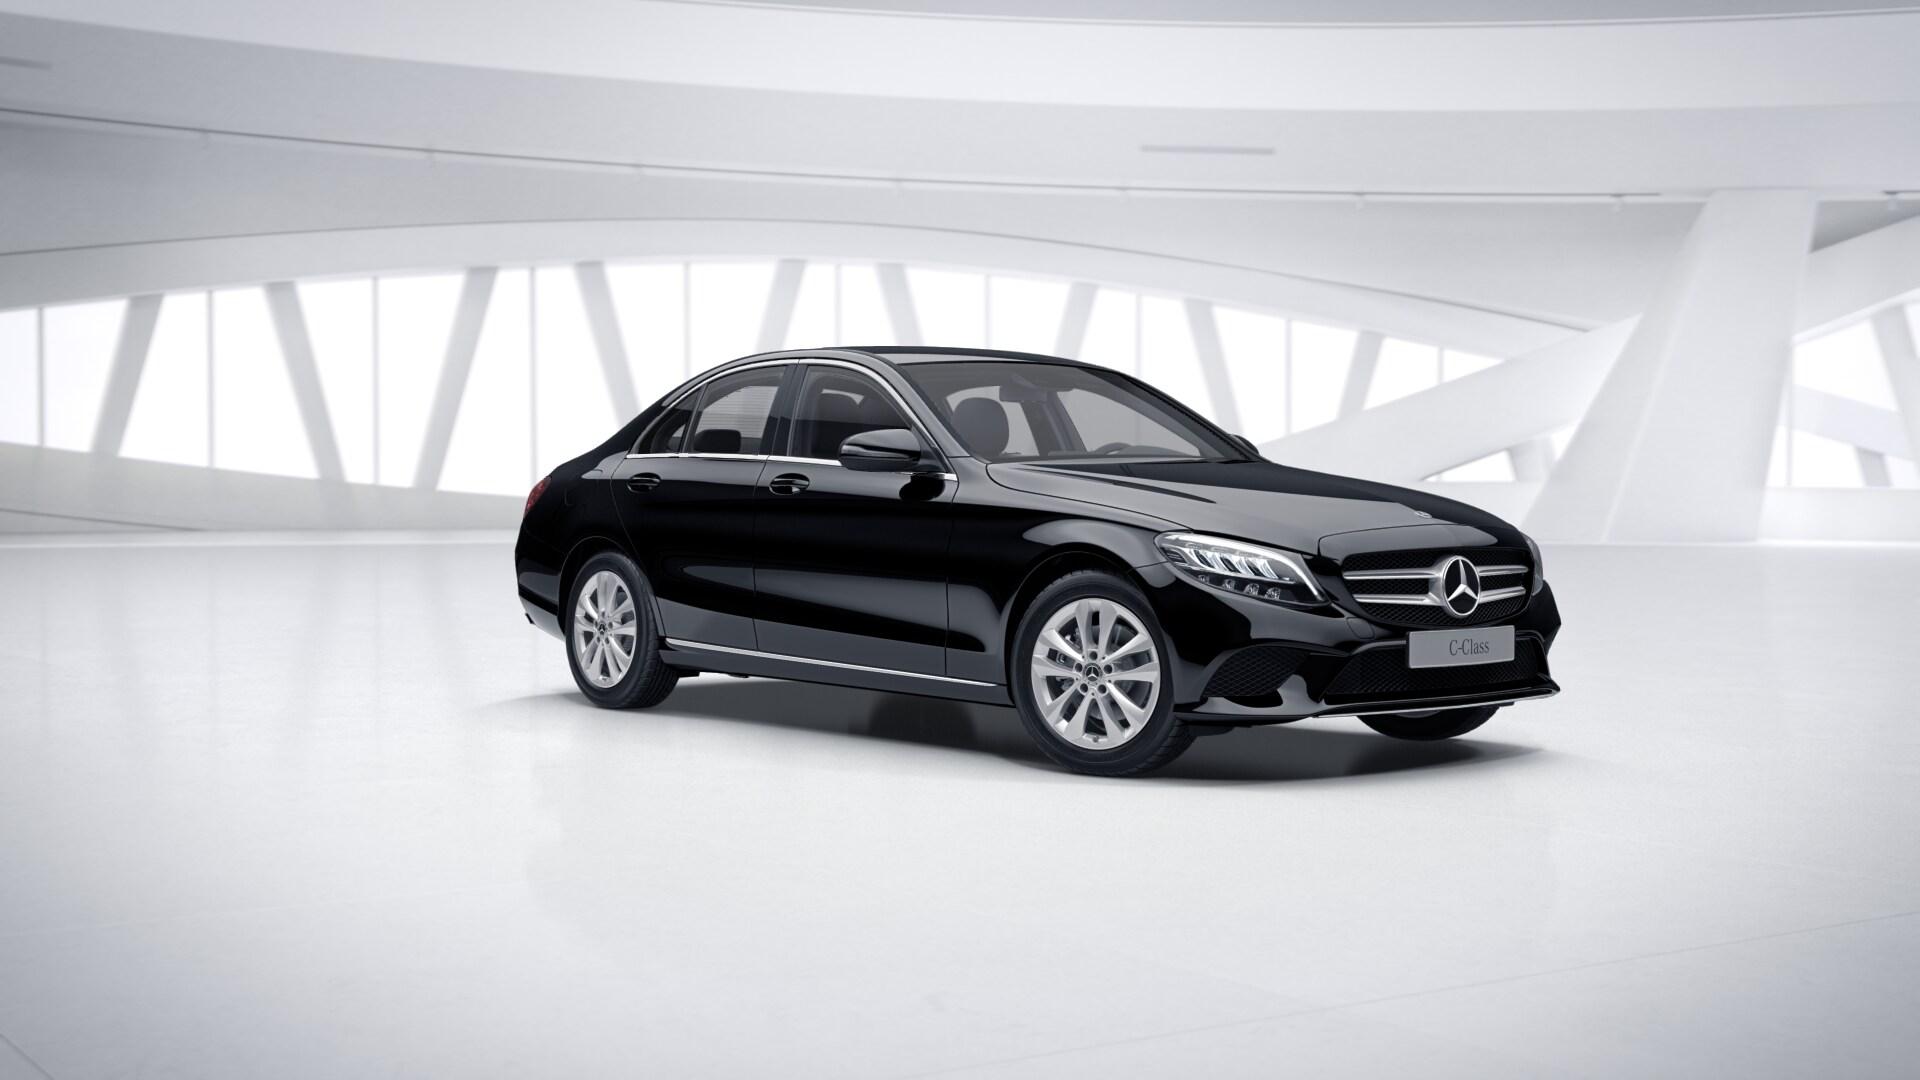 Mercedes-Benz C-Class 0852611080